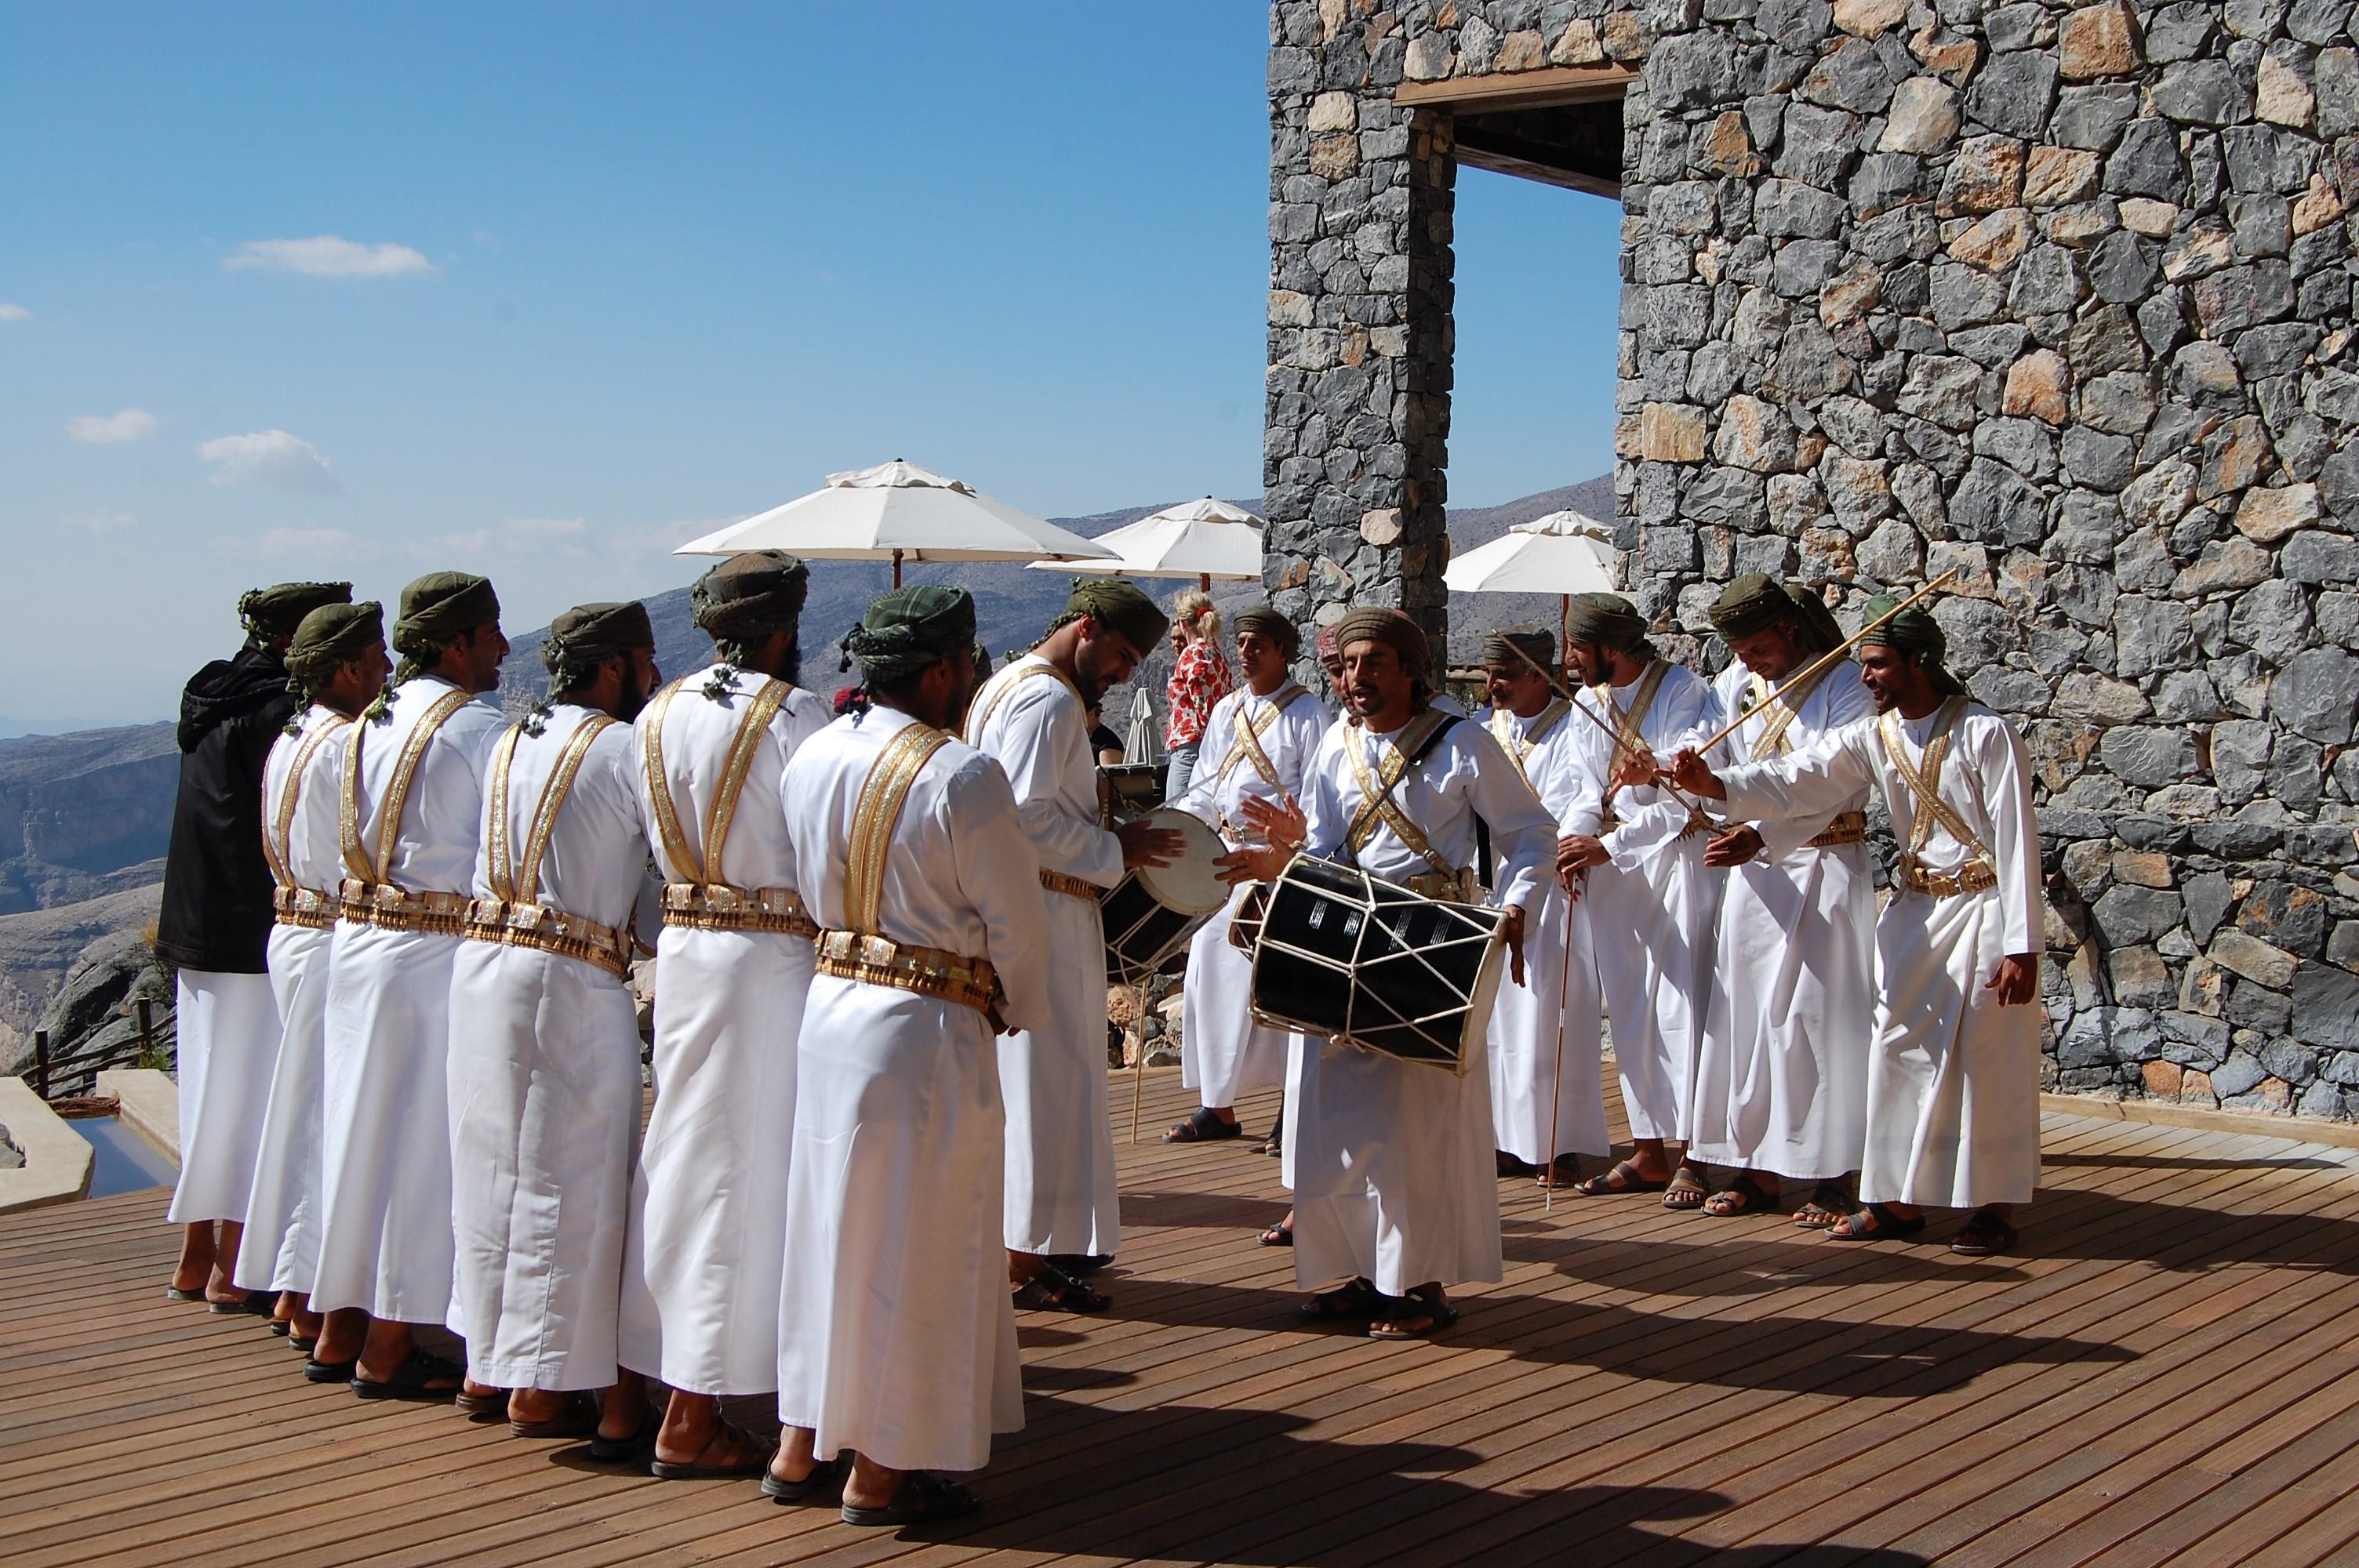 アリラ ジャバル アフダールで迎えた元旦はオマーンの山の民の舞で始まった